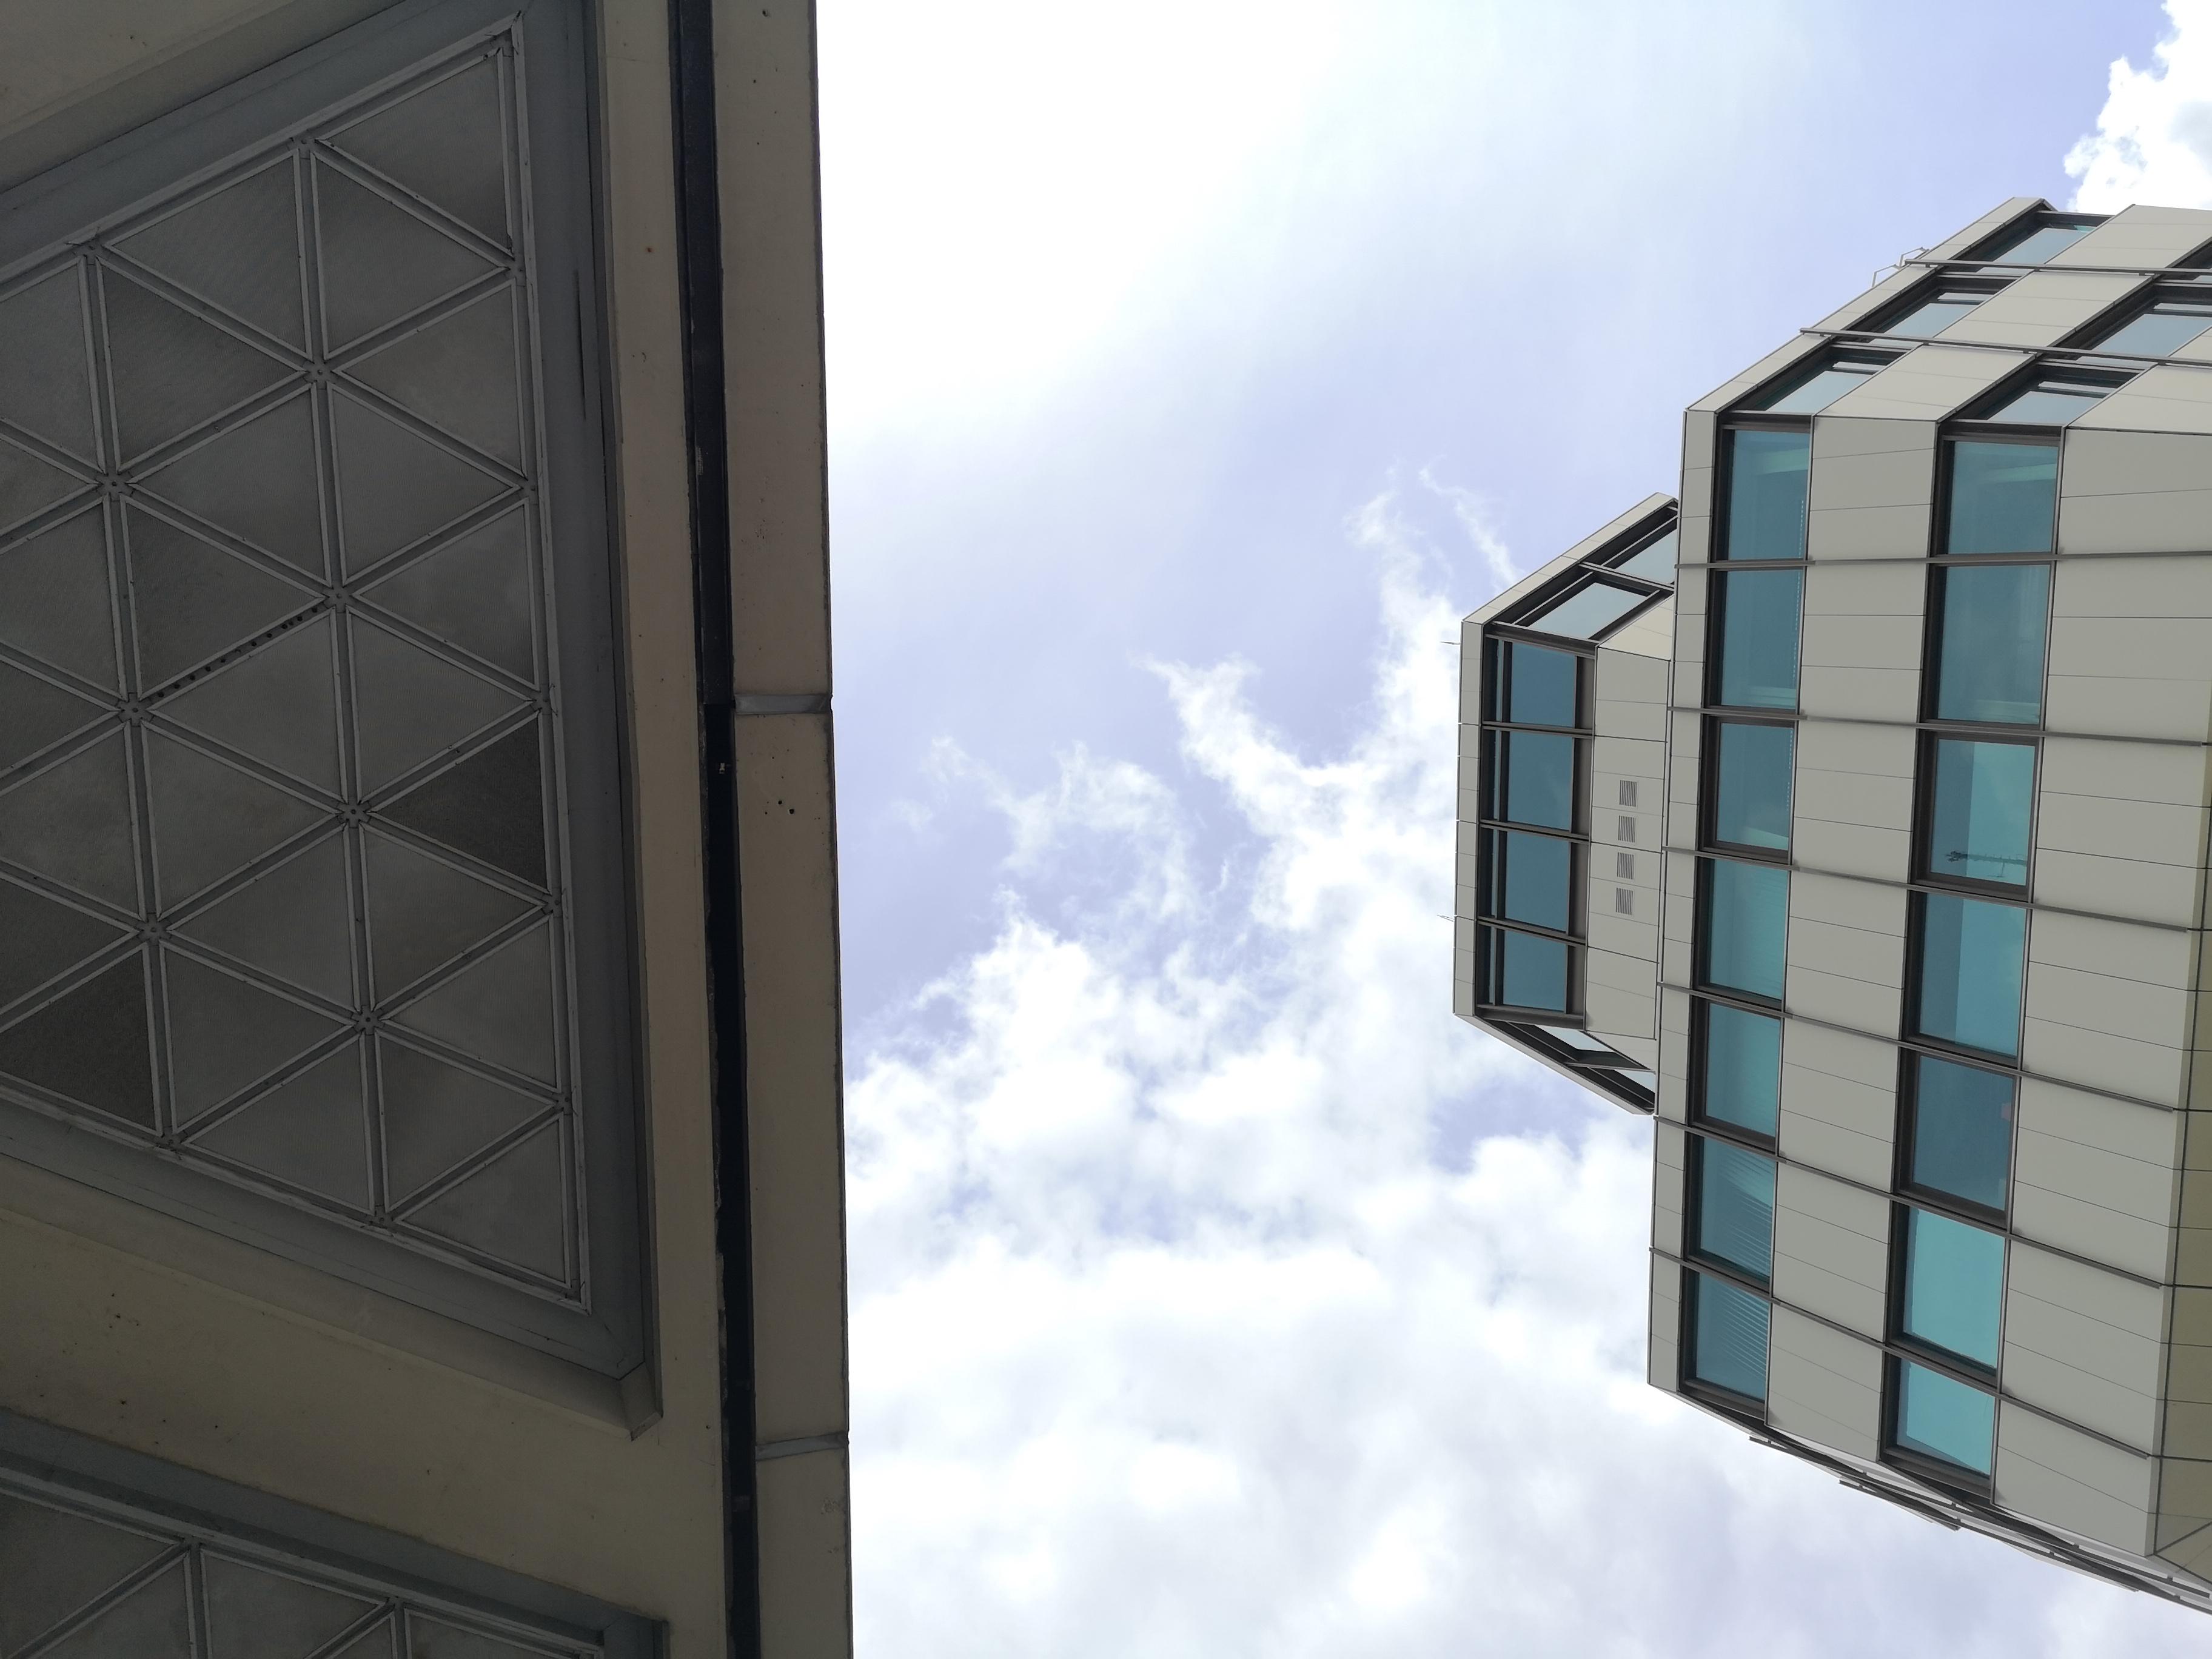 Flughafen-Tegel-Berlin-Schliessung-Architektur